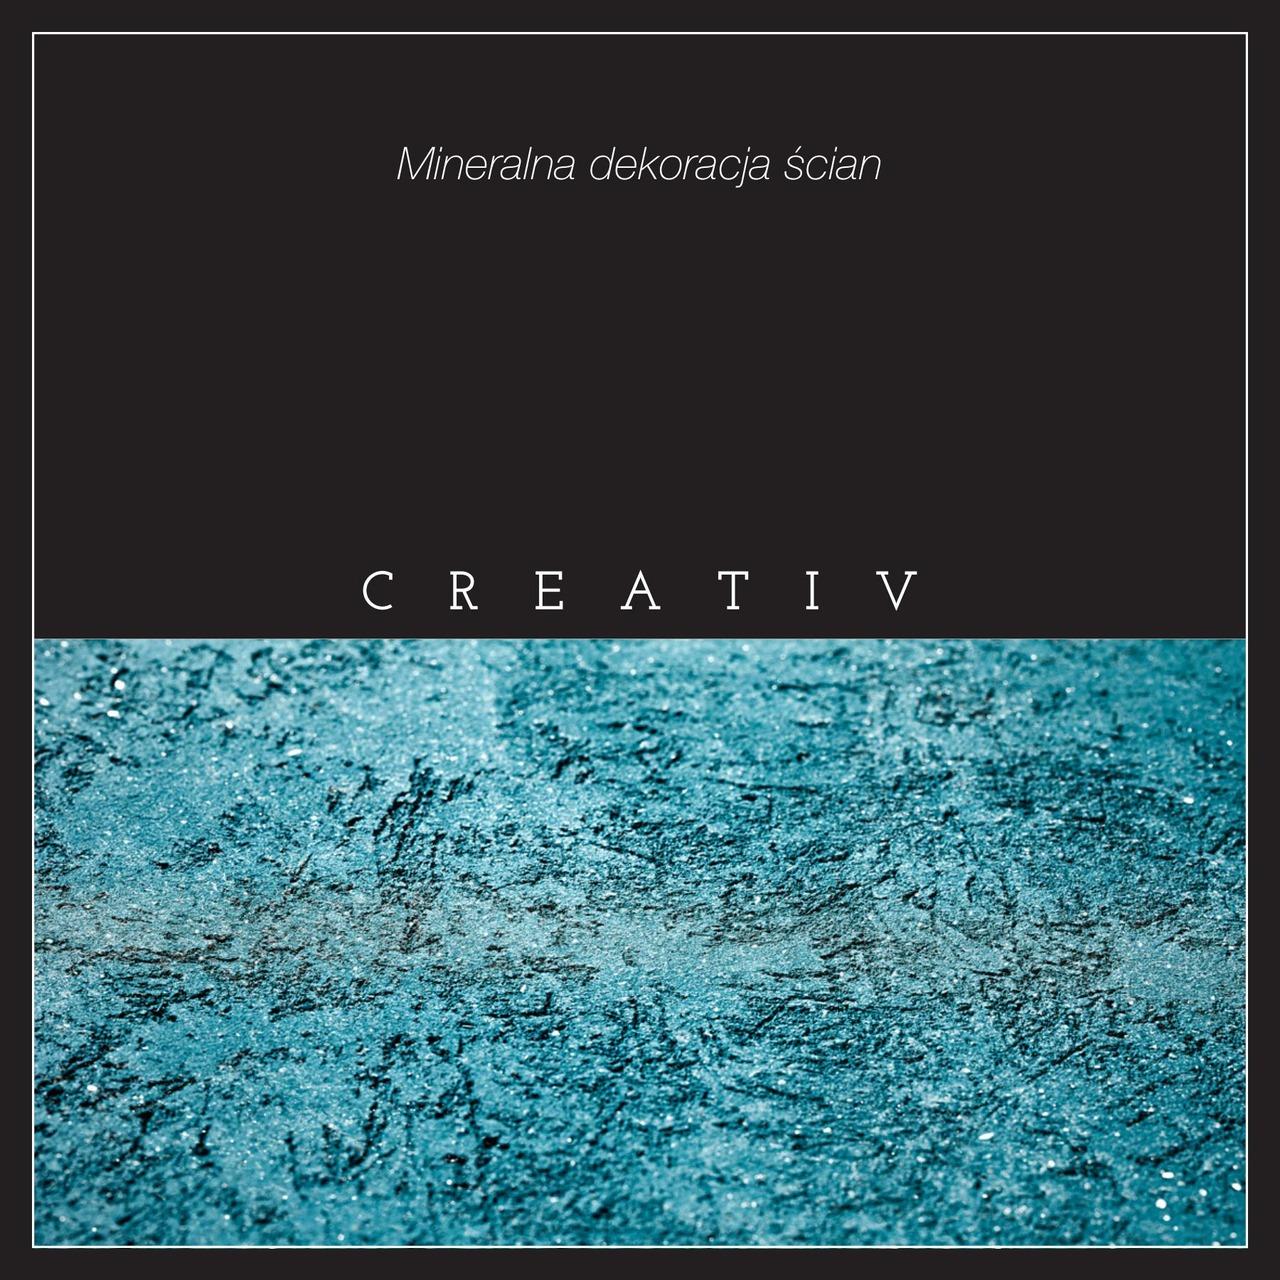 Broszura Creativ zawiera przykłady aranżacji wnętrz, ich opisy i szczegółowe informacje  dotyczące mineralnej dekoracji ścian.